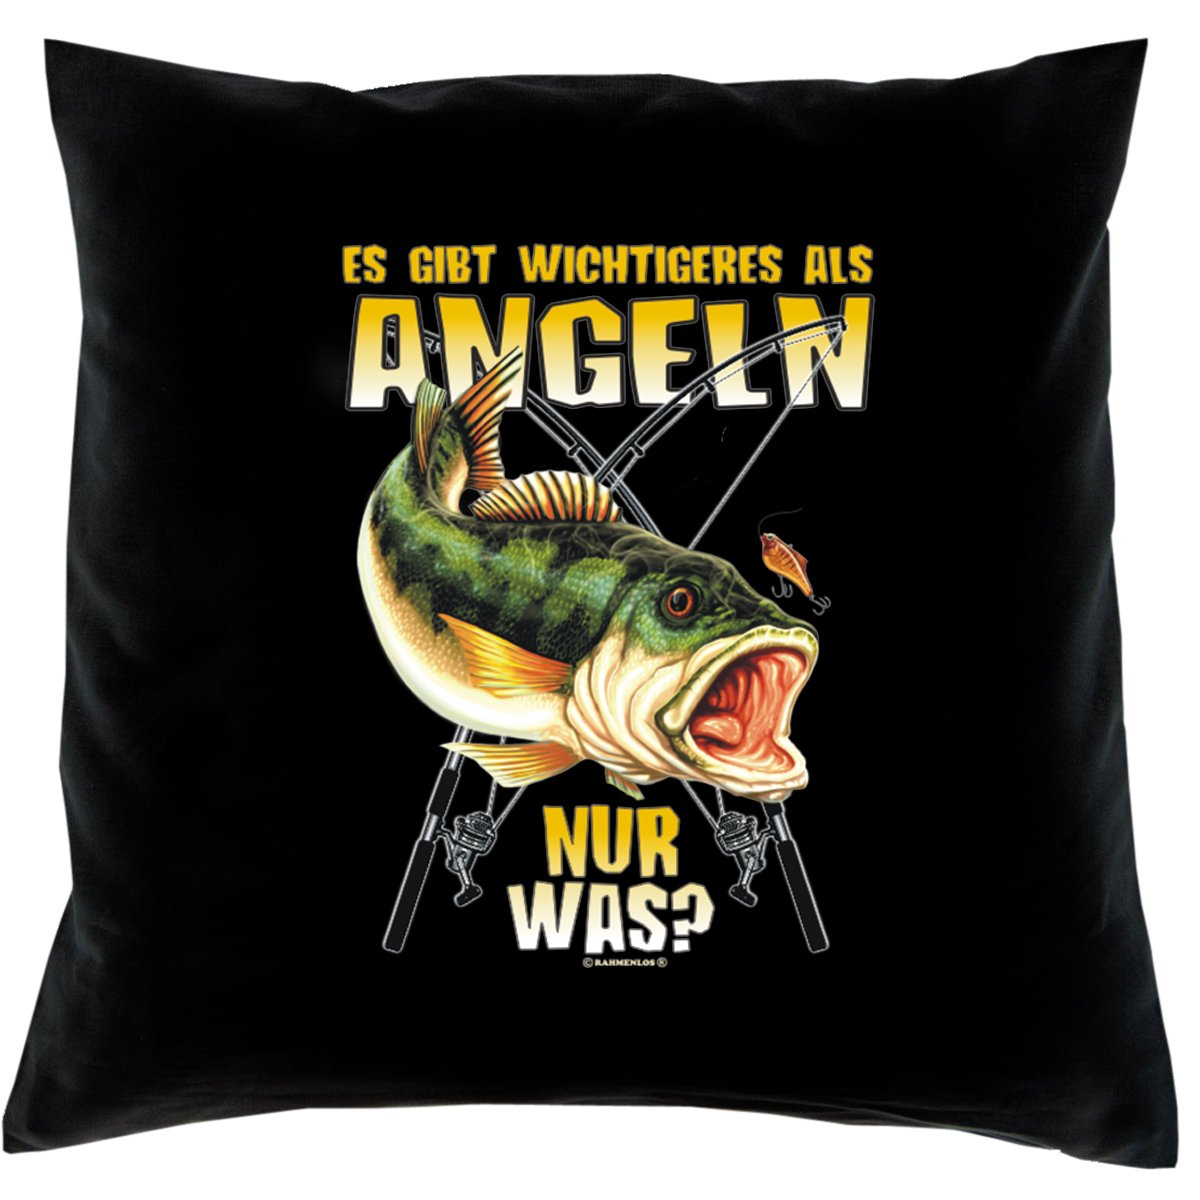 Kissen mit Innenkissen – Angler – Es gibt wichtigeres als Angeln – nur was? – mit 40 x 40 cm – in schwarz : ) günstig